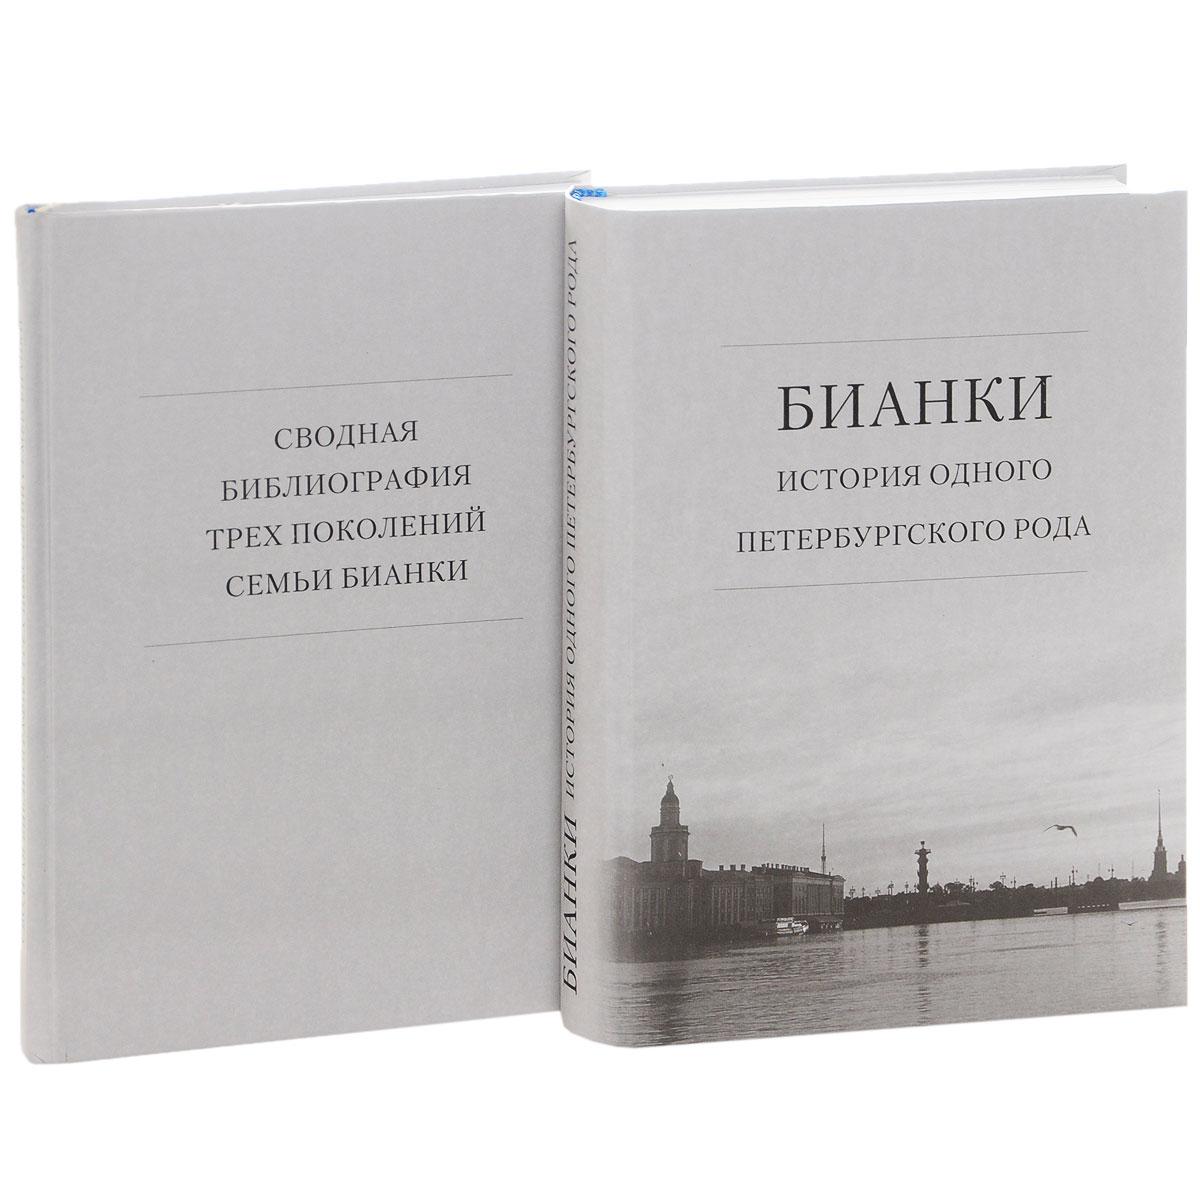 Книга бианки история одного петербургского рода